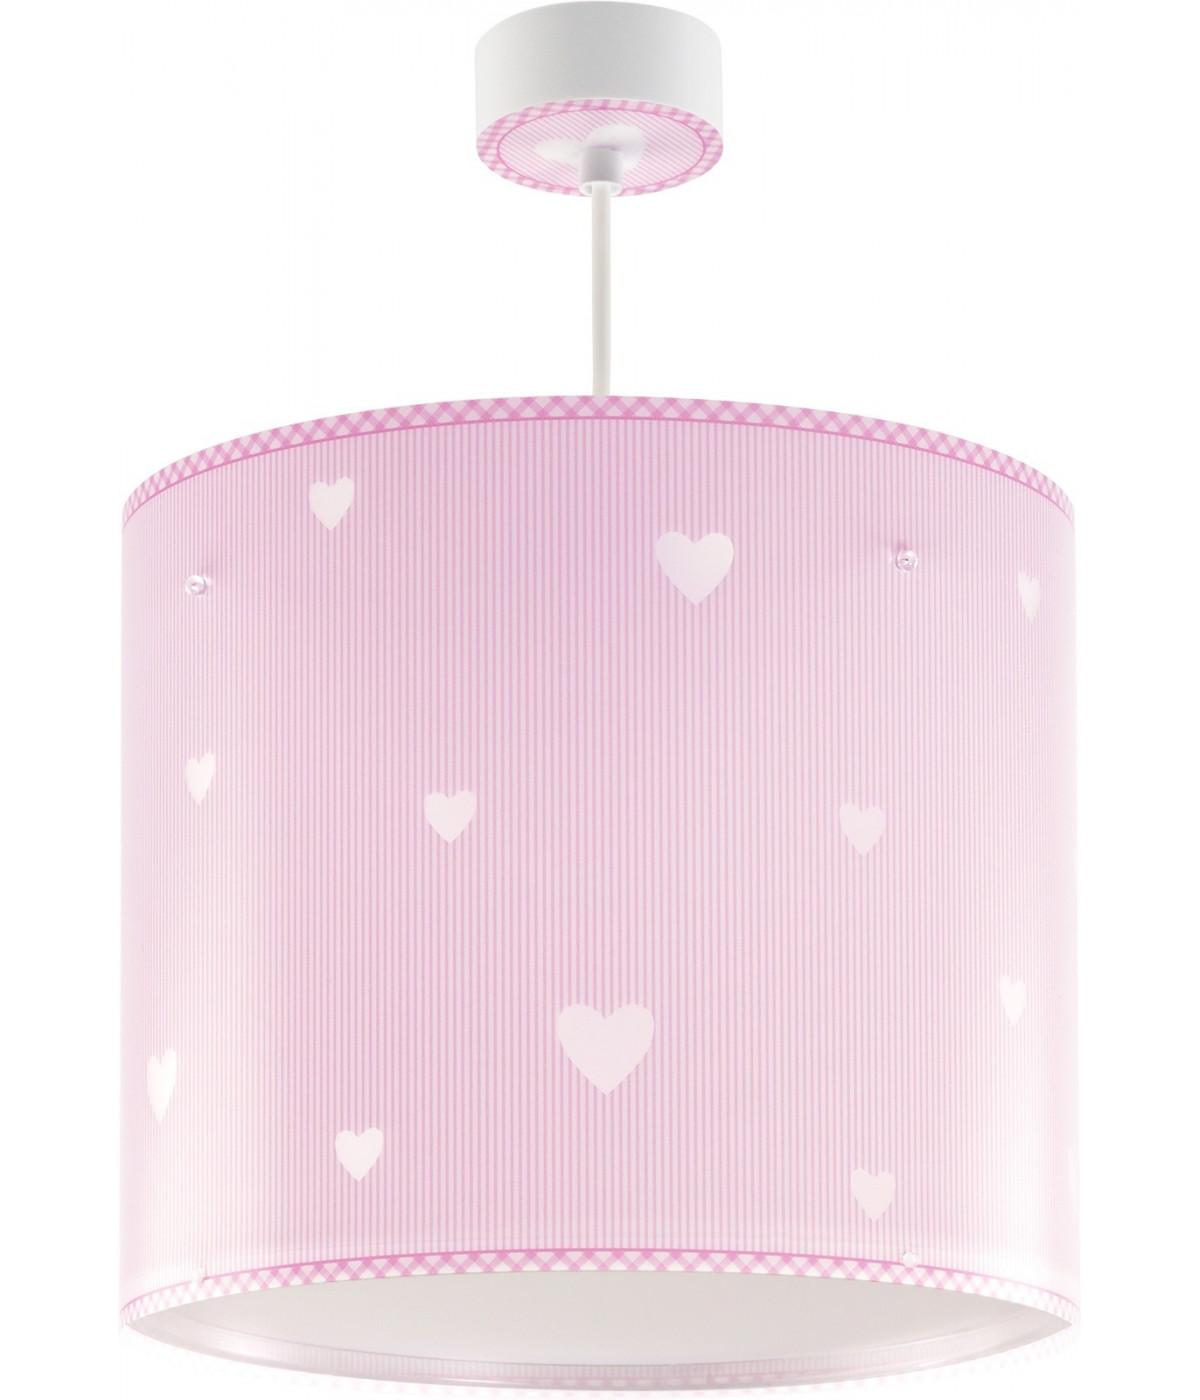 Candeeiro infantil de tecto Sweet Dreams rosa